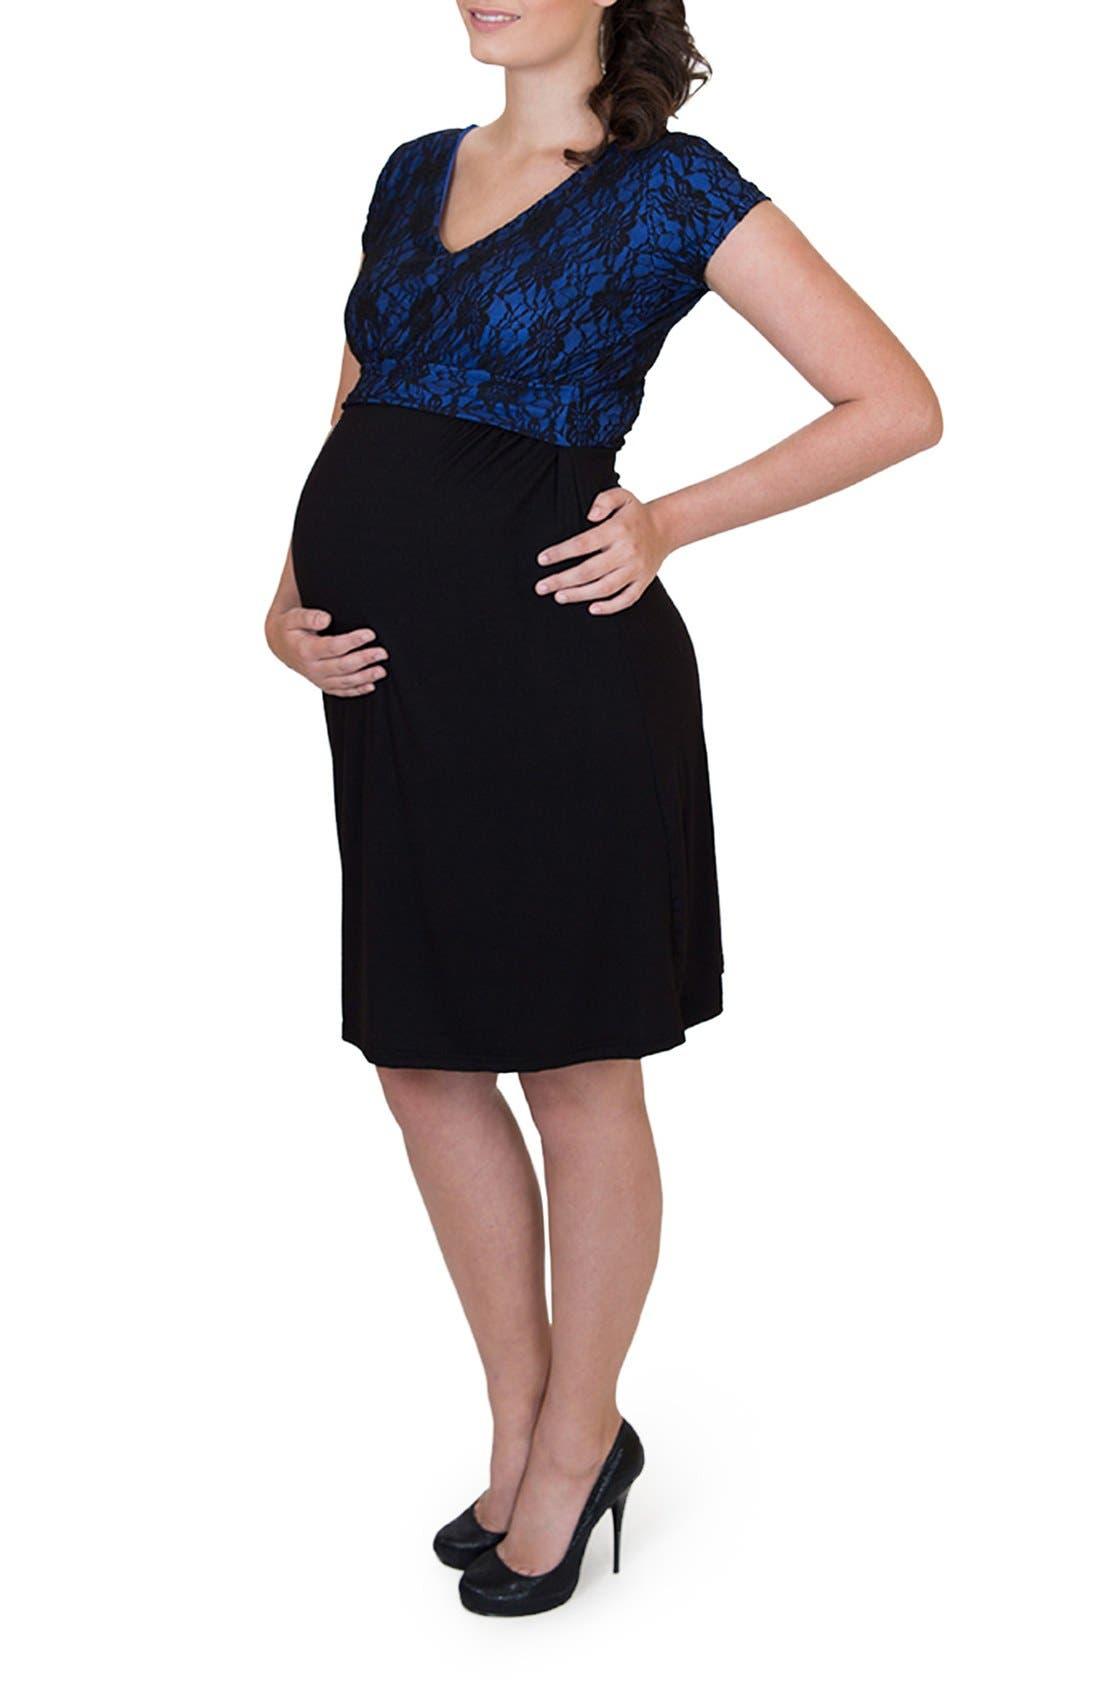 'Camila' Maternity/Nursing Dress,                             Alternate thumbnail 3, color,                             ROYAL BLUE/ BLACK